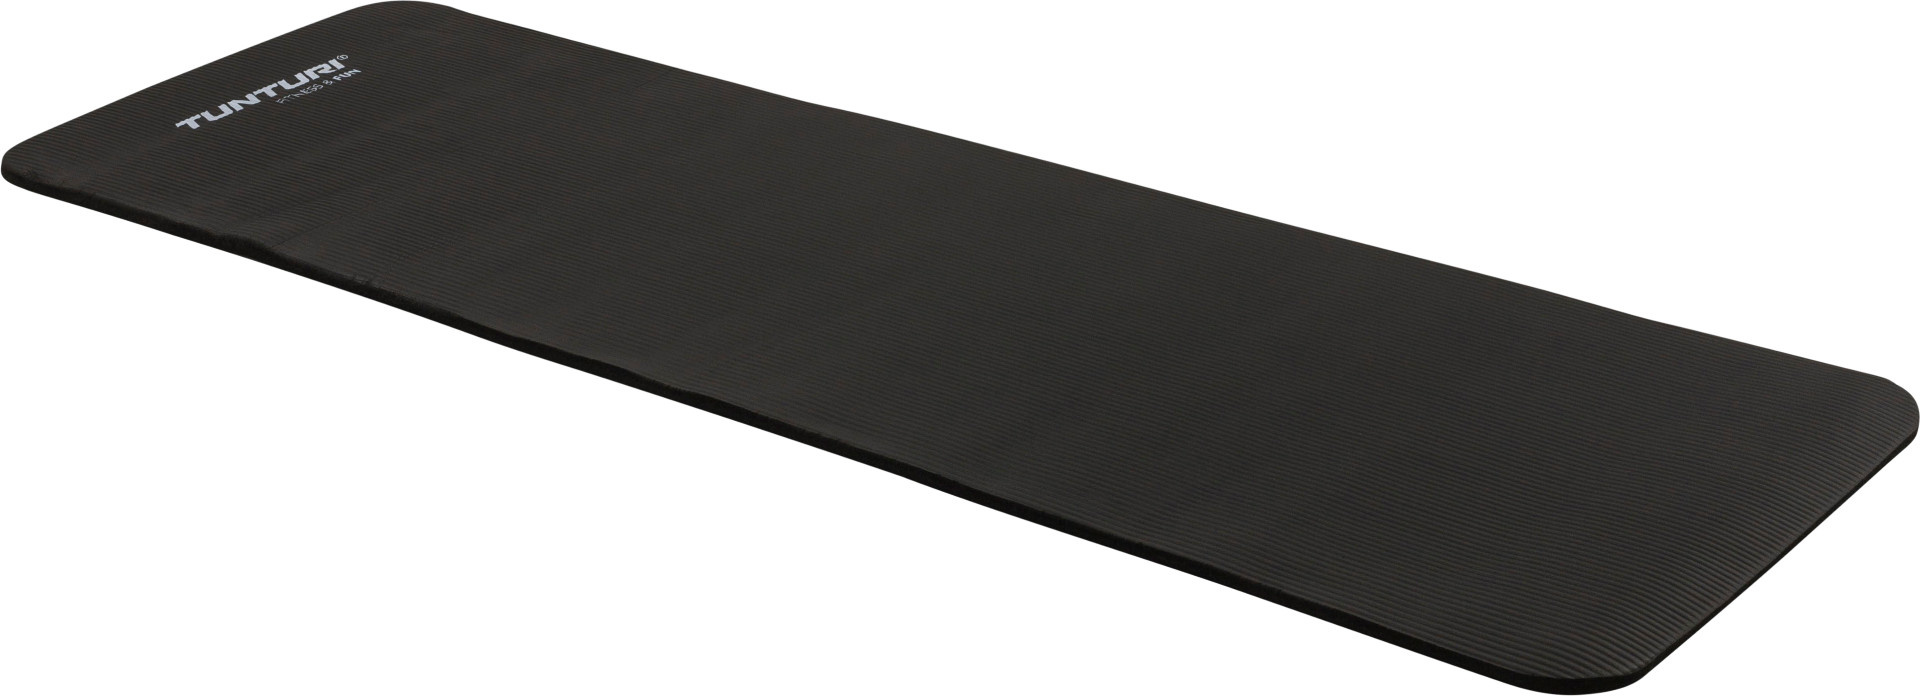 Tunturi Fitness Mat inclusief draagtas